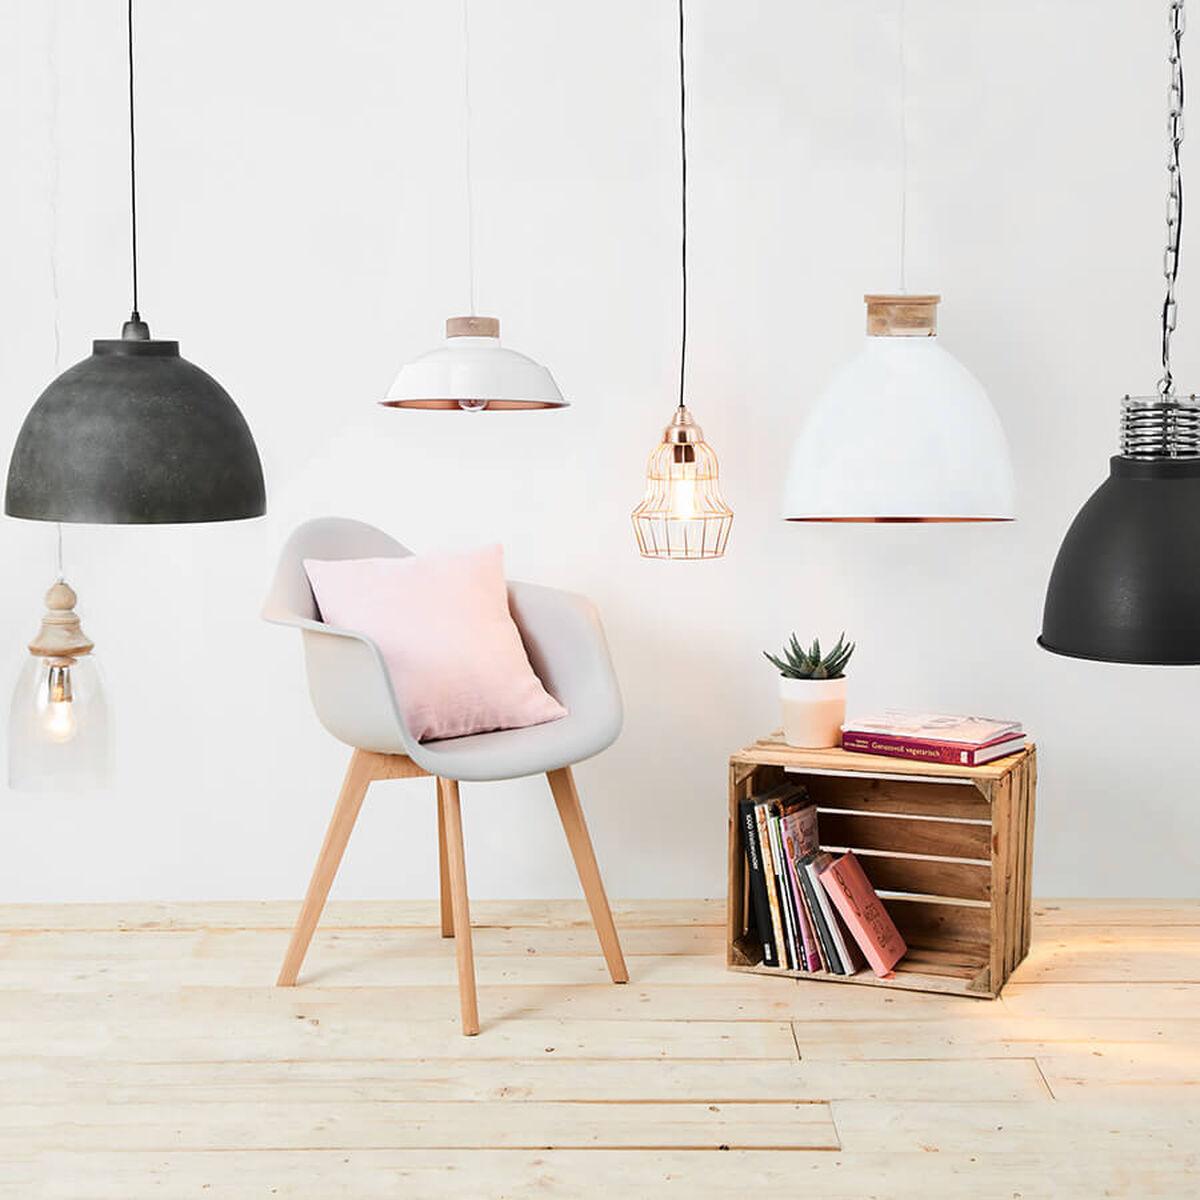 leuchten design leuchten online kaufen butlers. Black Bedroom Furniture Sets. Home Design Ideas